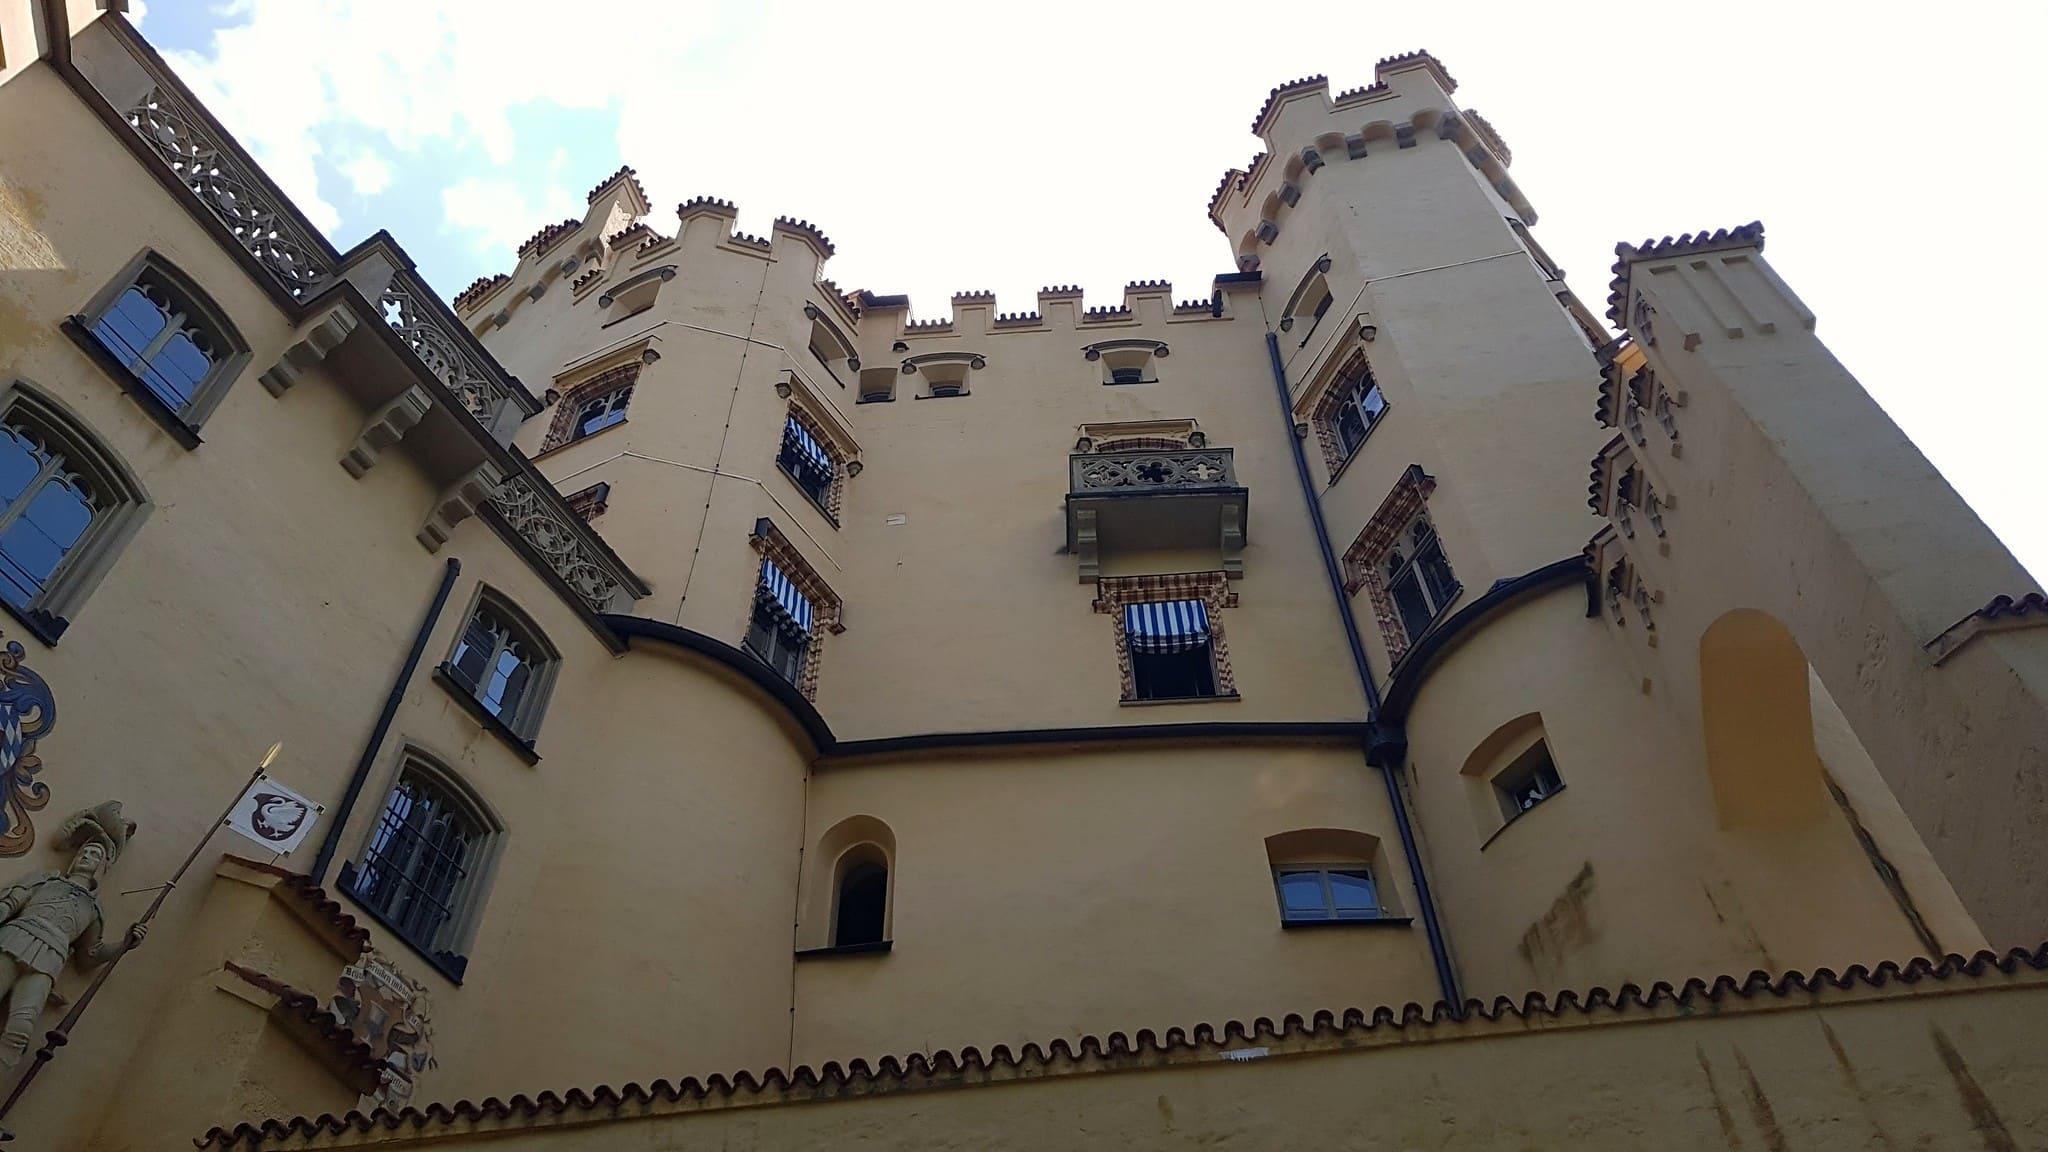 castello di hohenschwangau - orari e prezzi